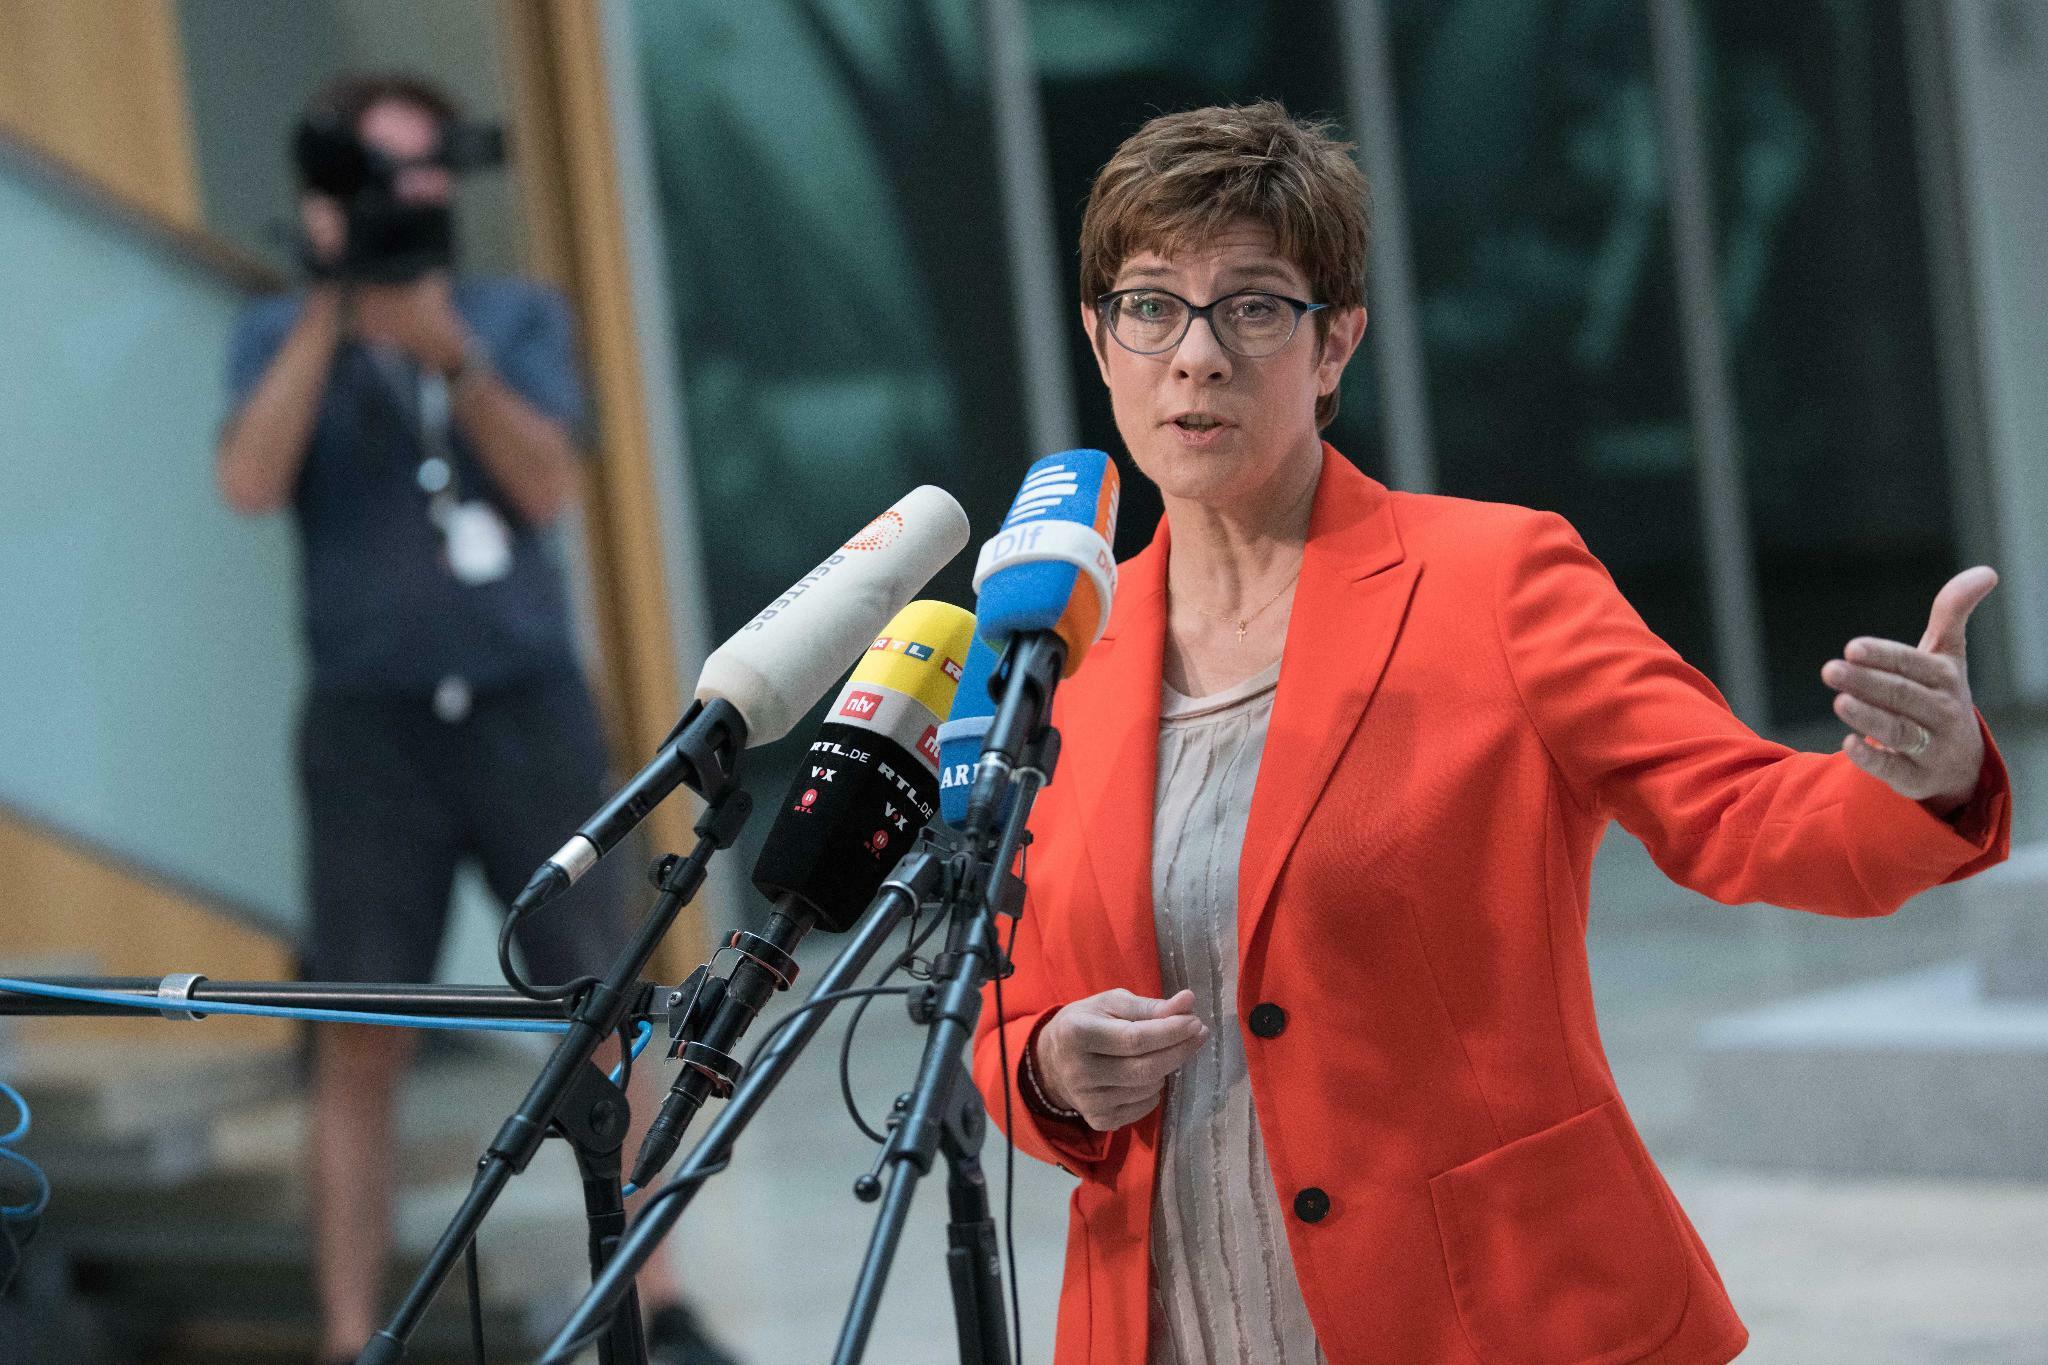 Kramp-Karrenbauer: Habe keinen Ausschluss von Maaßen gefordert